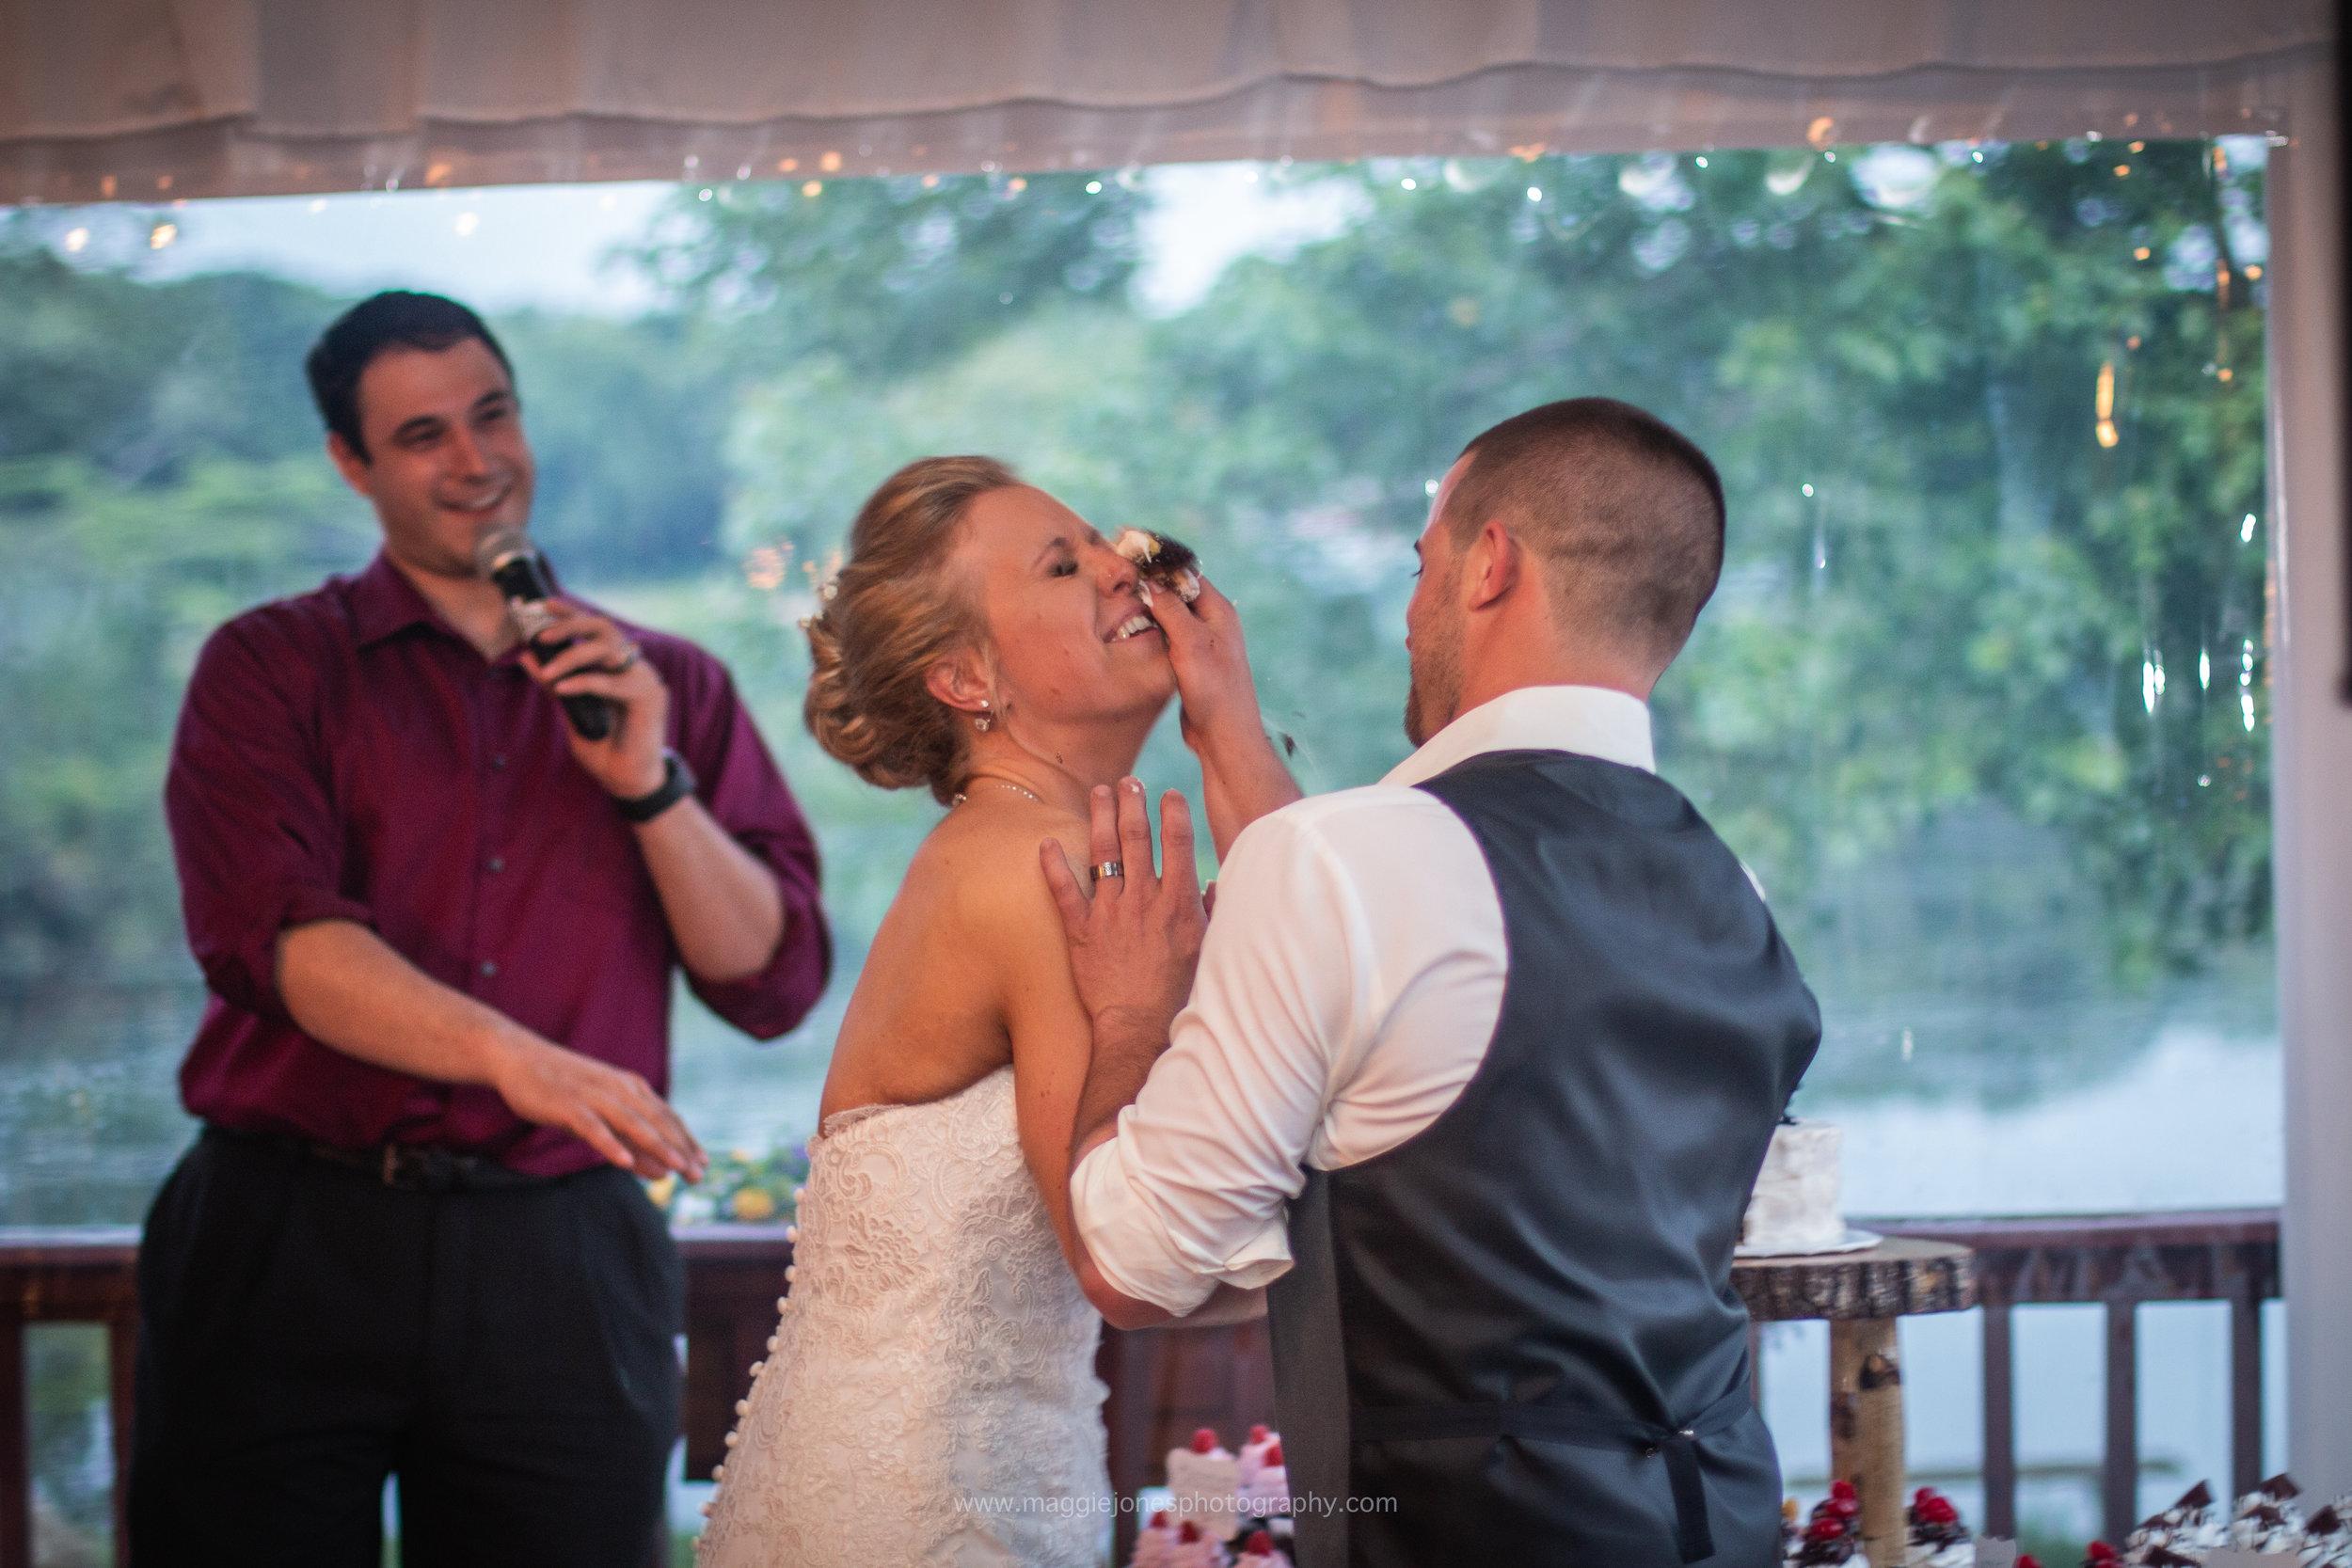 Ashley+DavidShaw_WEDDING_blog-1-48.jpg